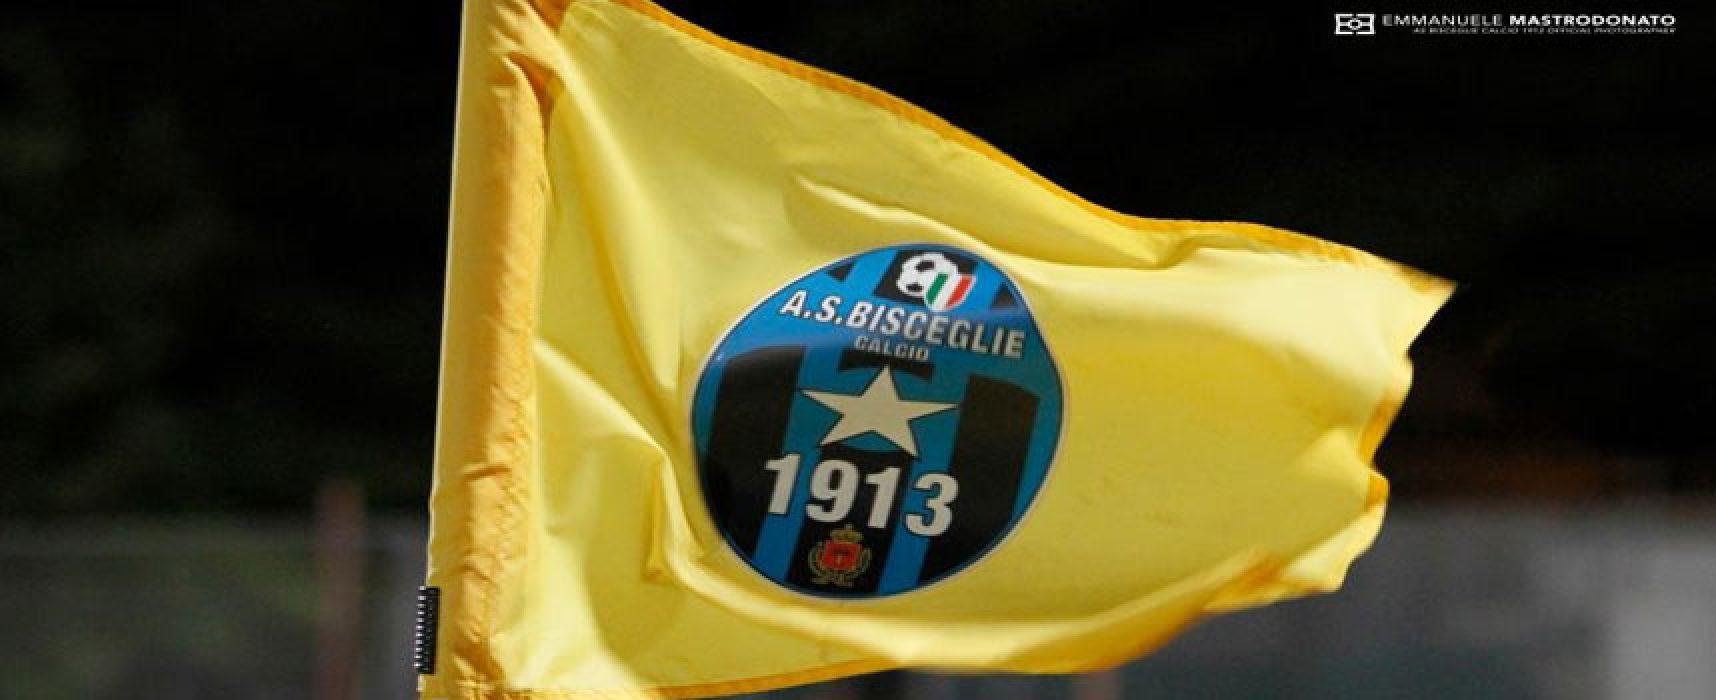 Bisceglie Calcio, salta trattativa Canonico-Rossiello? Anche gli ultras prendono posizione